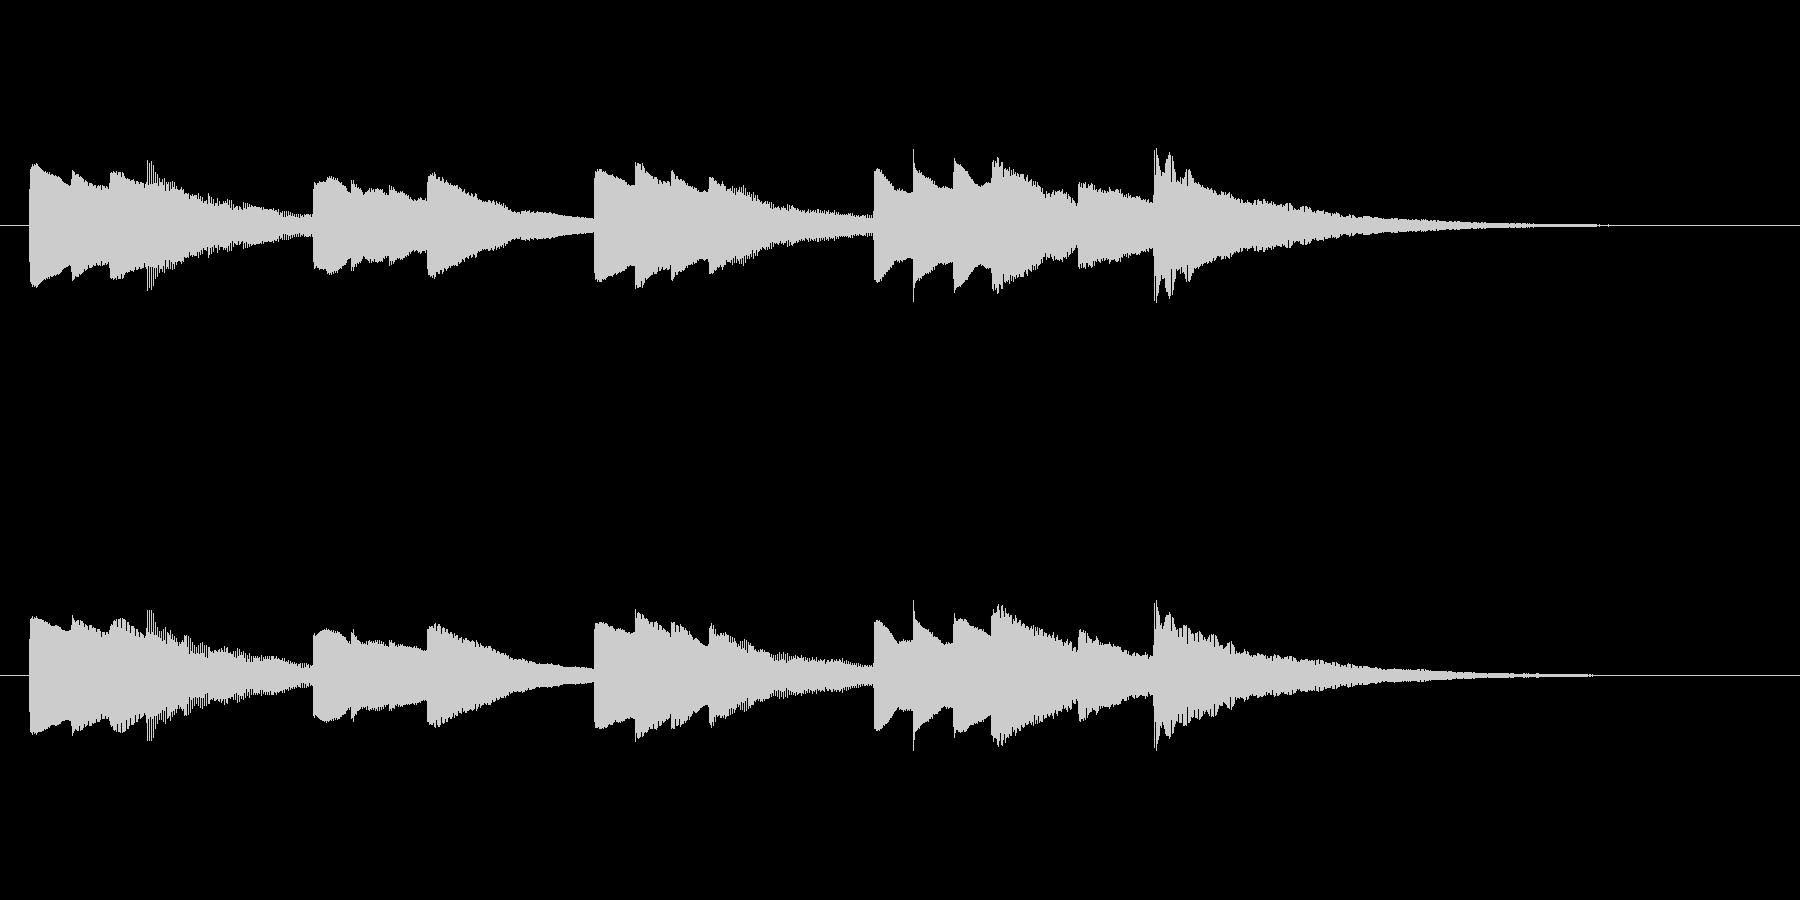 少し切ないオルゴール音_01の未再生の波形